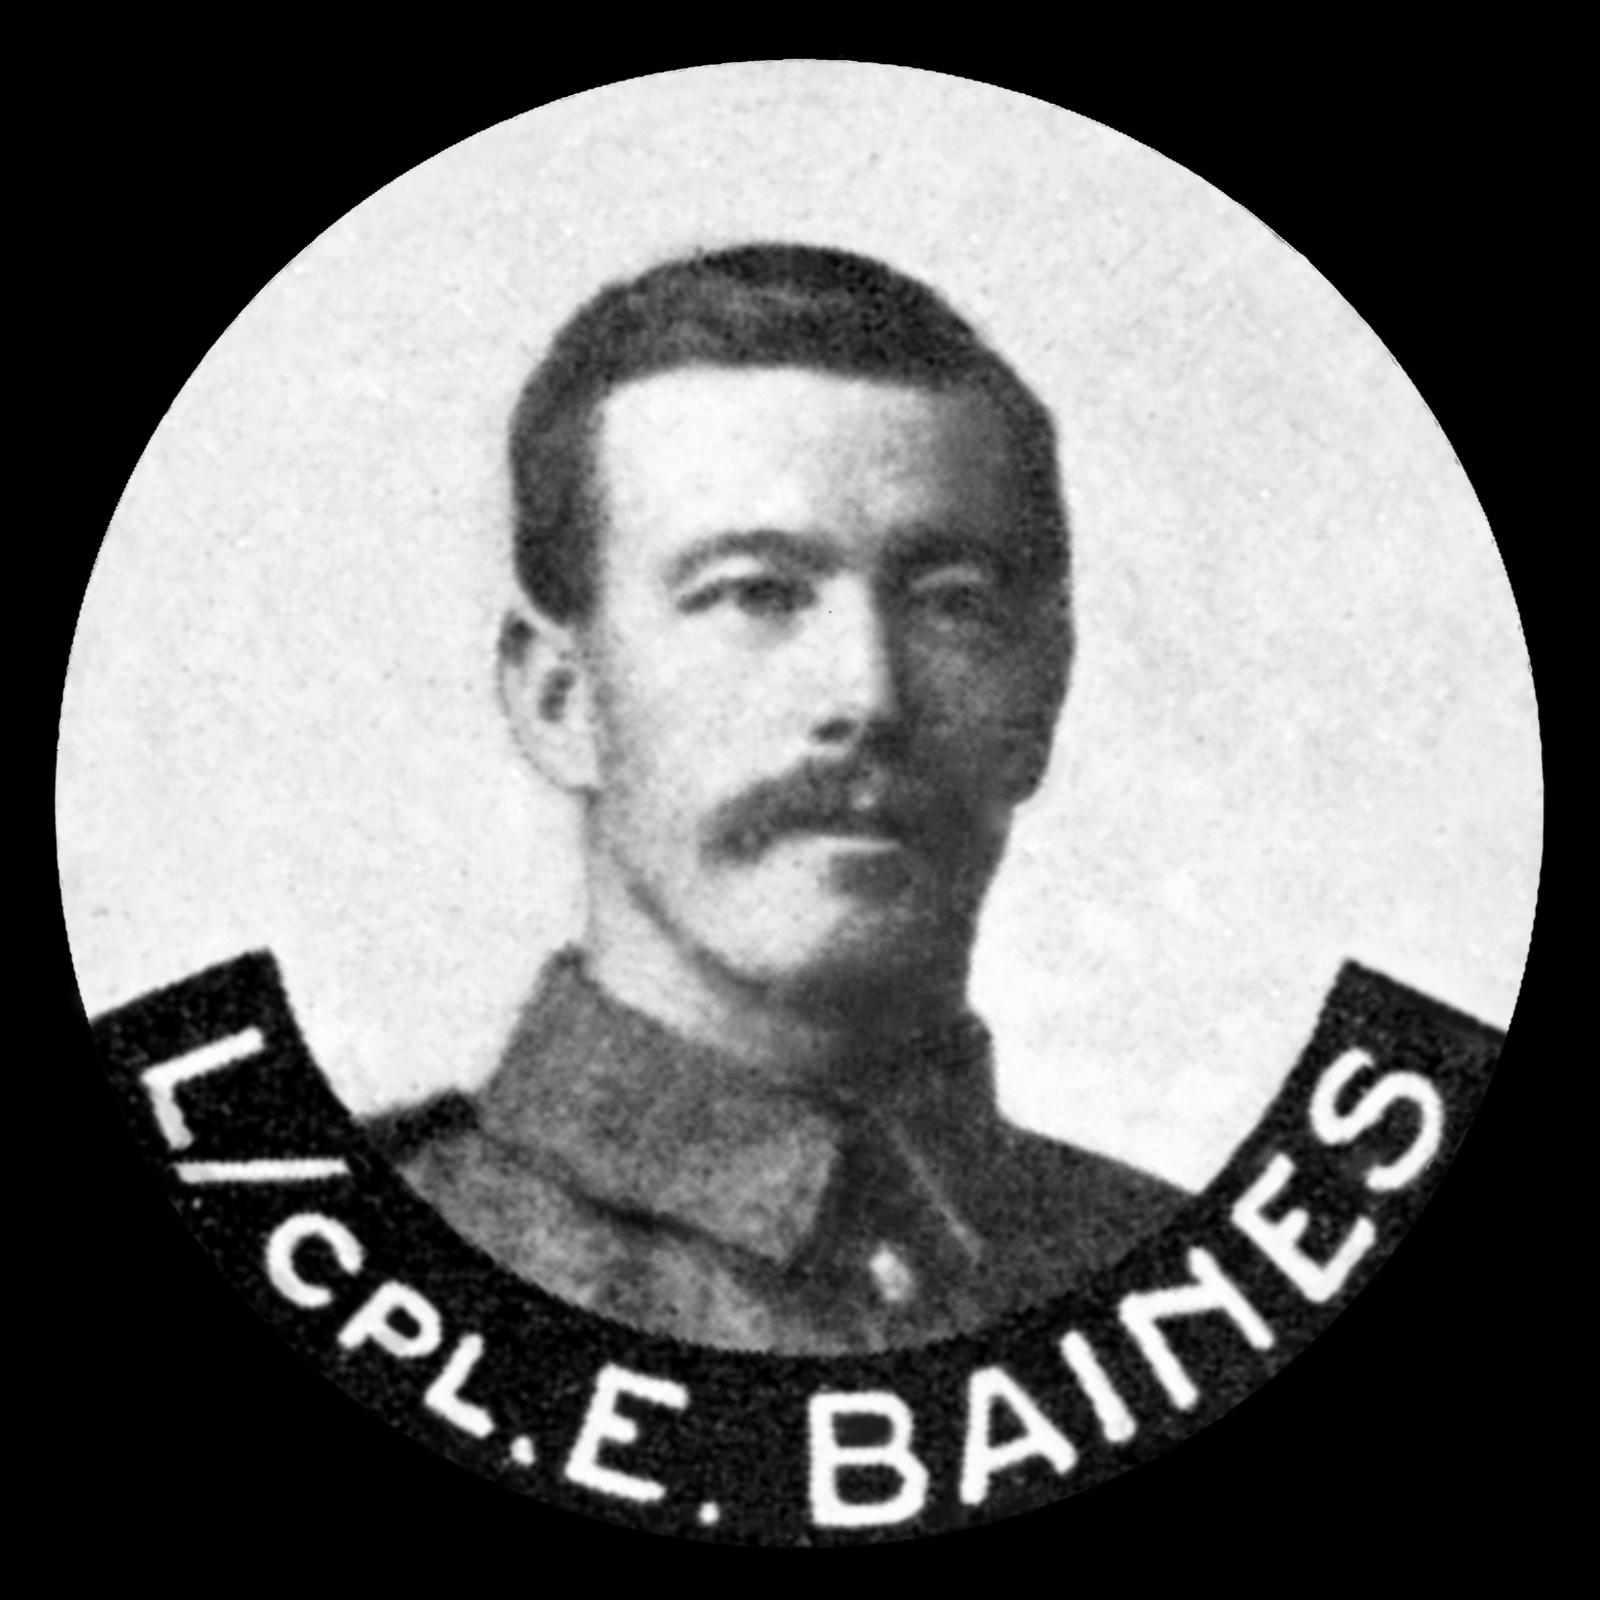 BAINES Edward